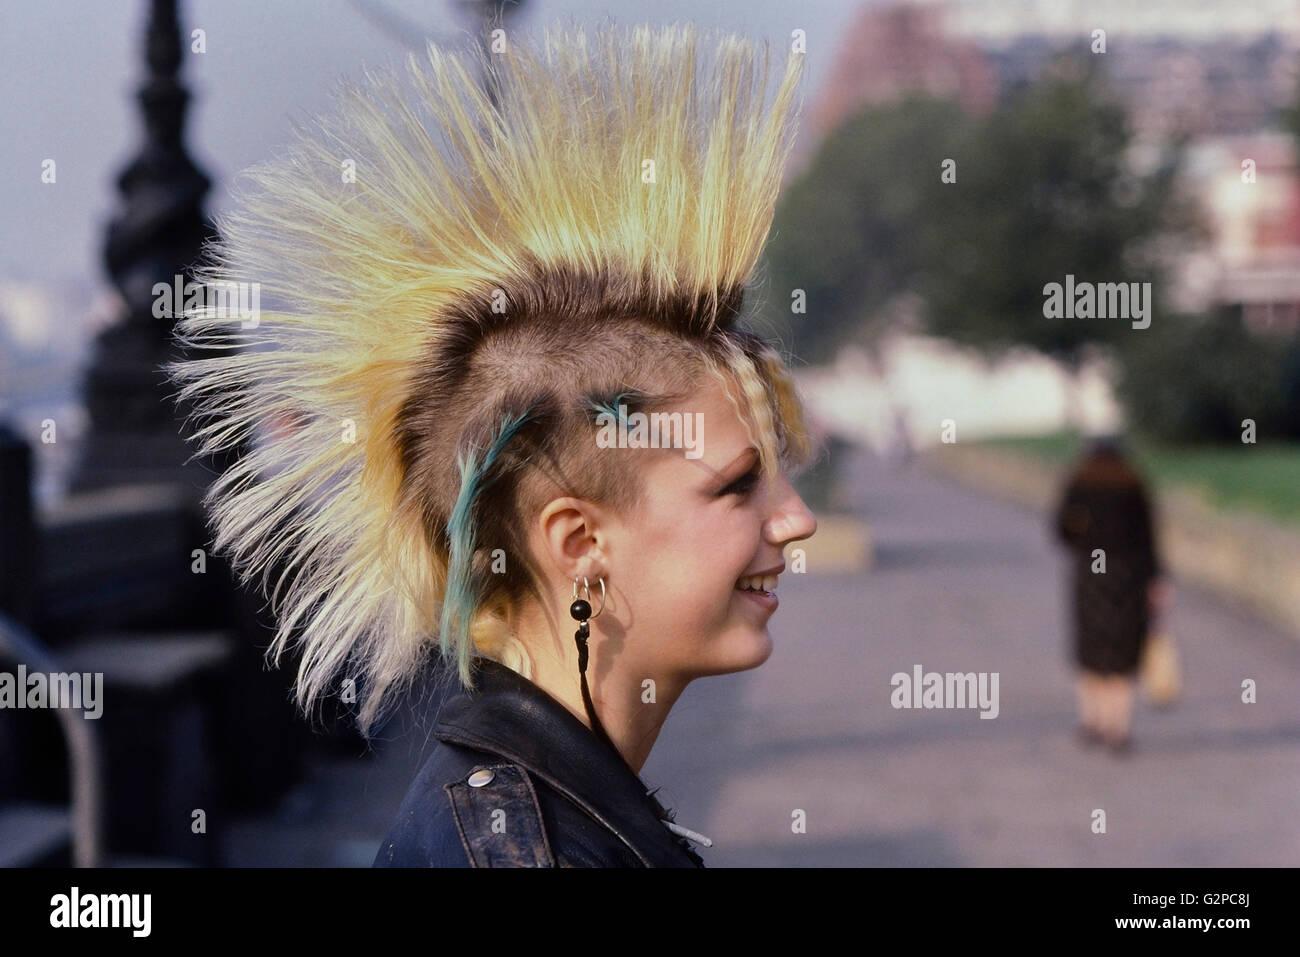 Spiky Hair Stock Photos Spiky Hair Stock Images Alamy